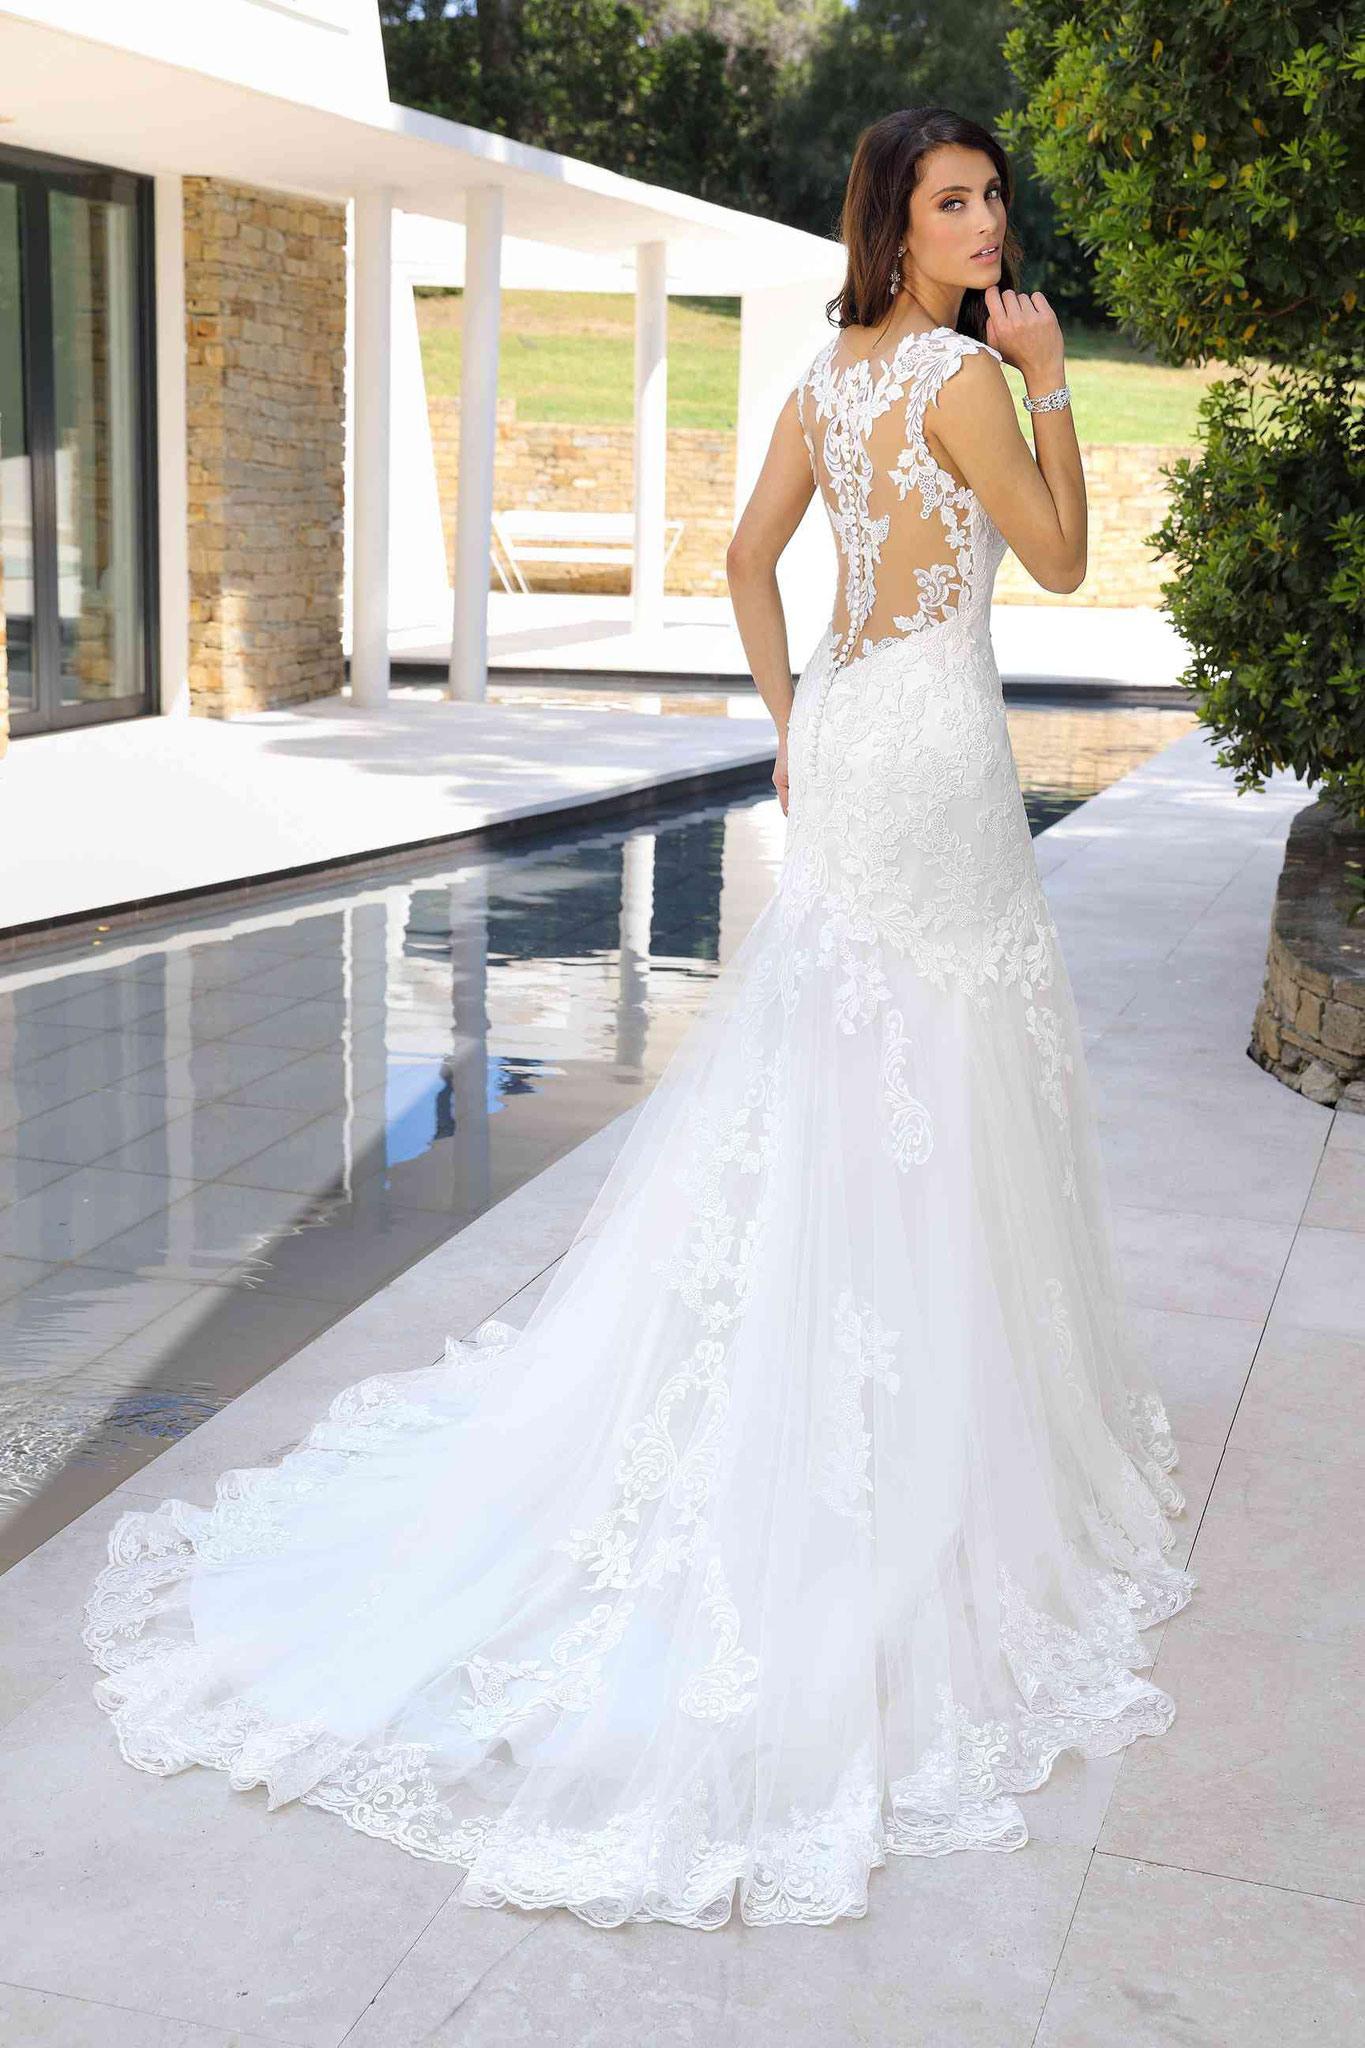 17 Leicht Hochzeitskleider Shop Ärmel10 Einfach Hochzeitskleider Shop für 2019